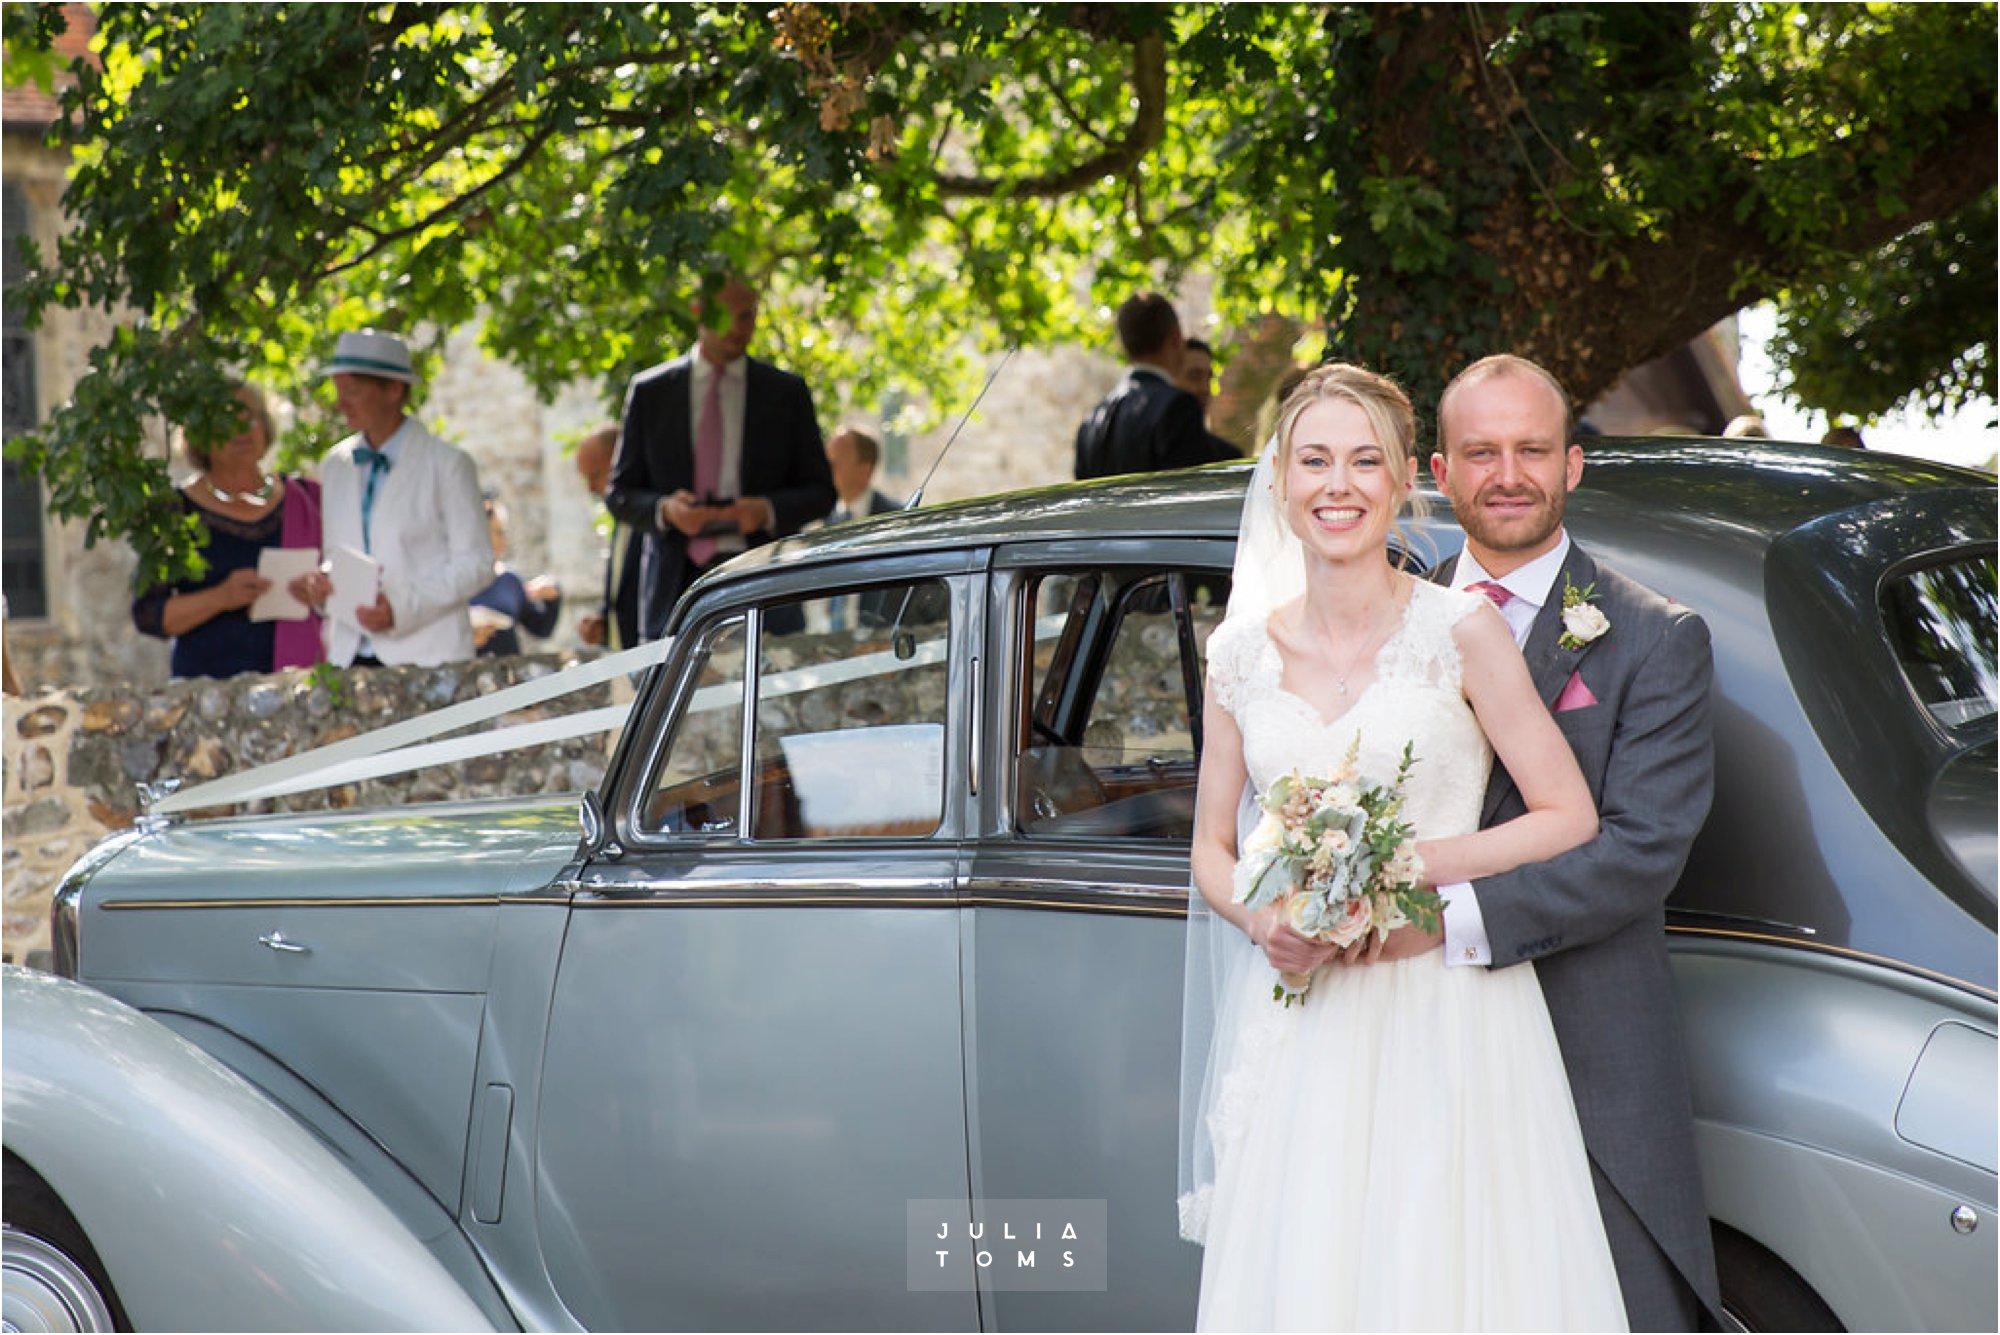 itchenor_wedding_chichester_photographer_038.jpg